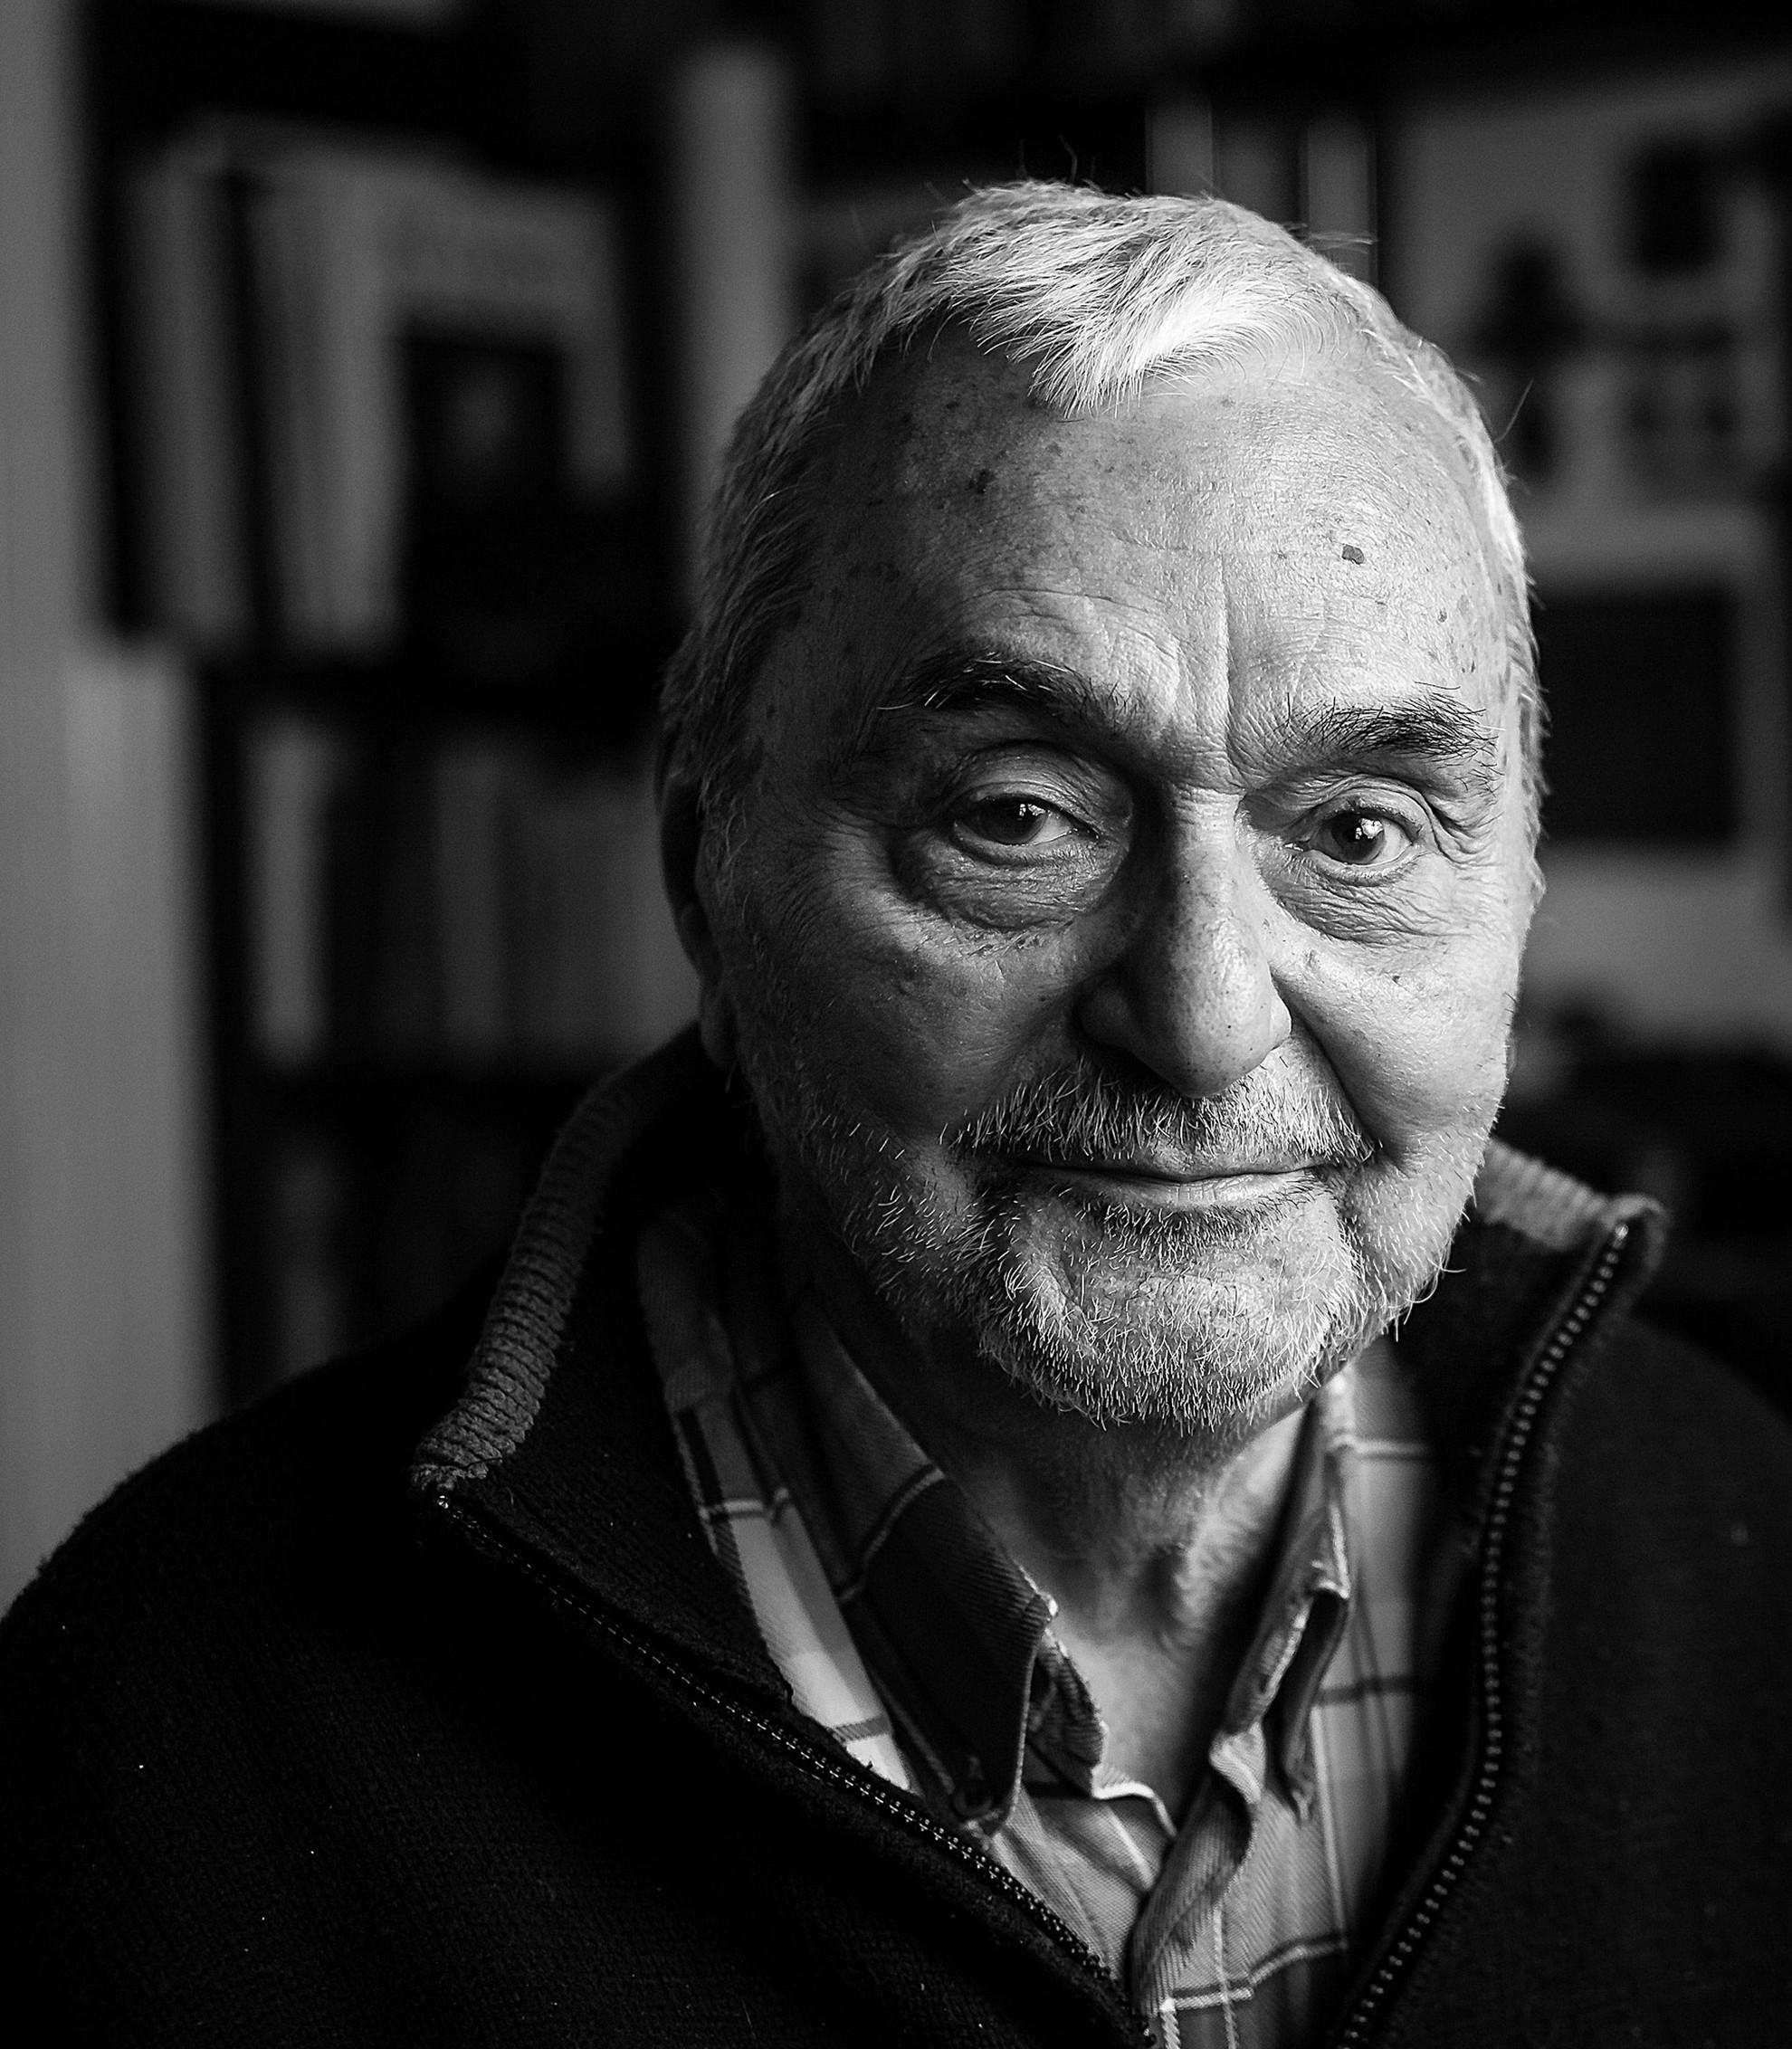 Szalay Károly: Bölcs nem vagyok, csak kiöregedtem a hétköznapokból…